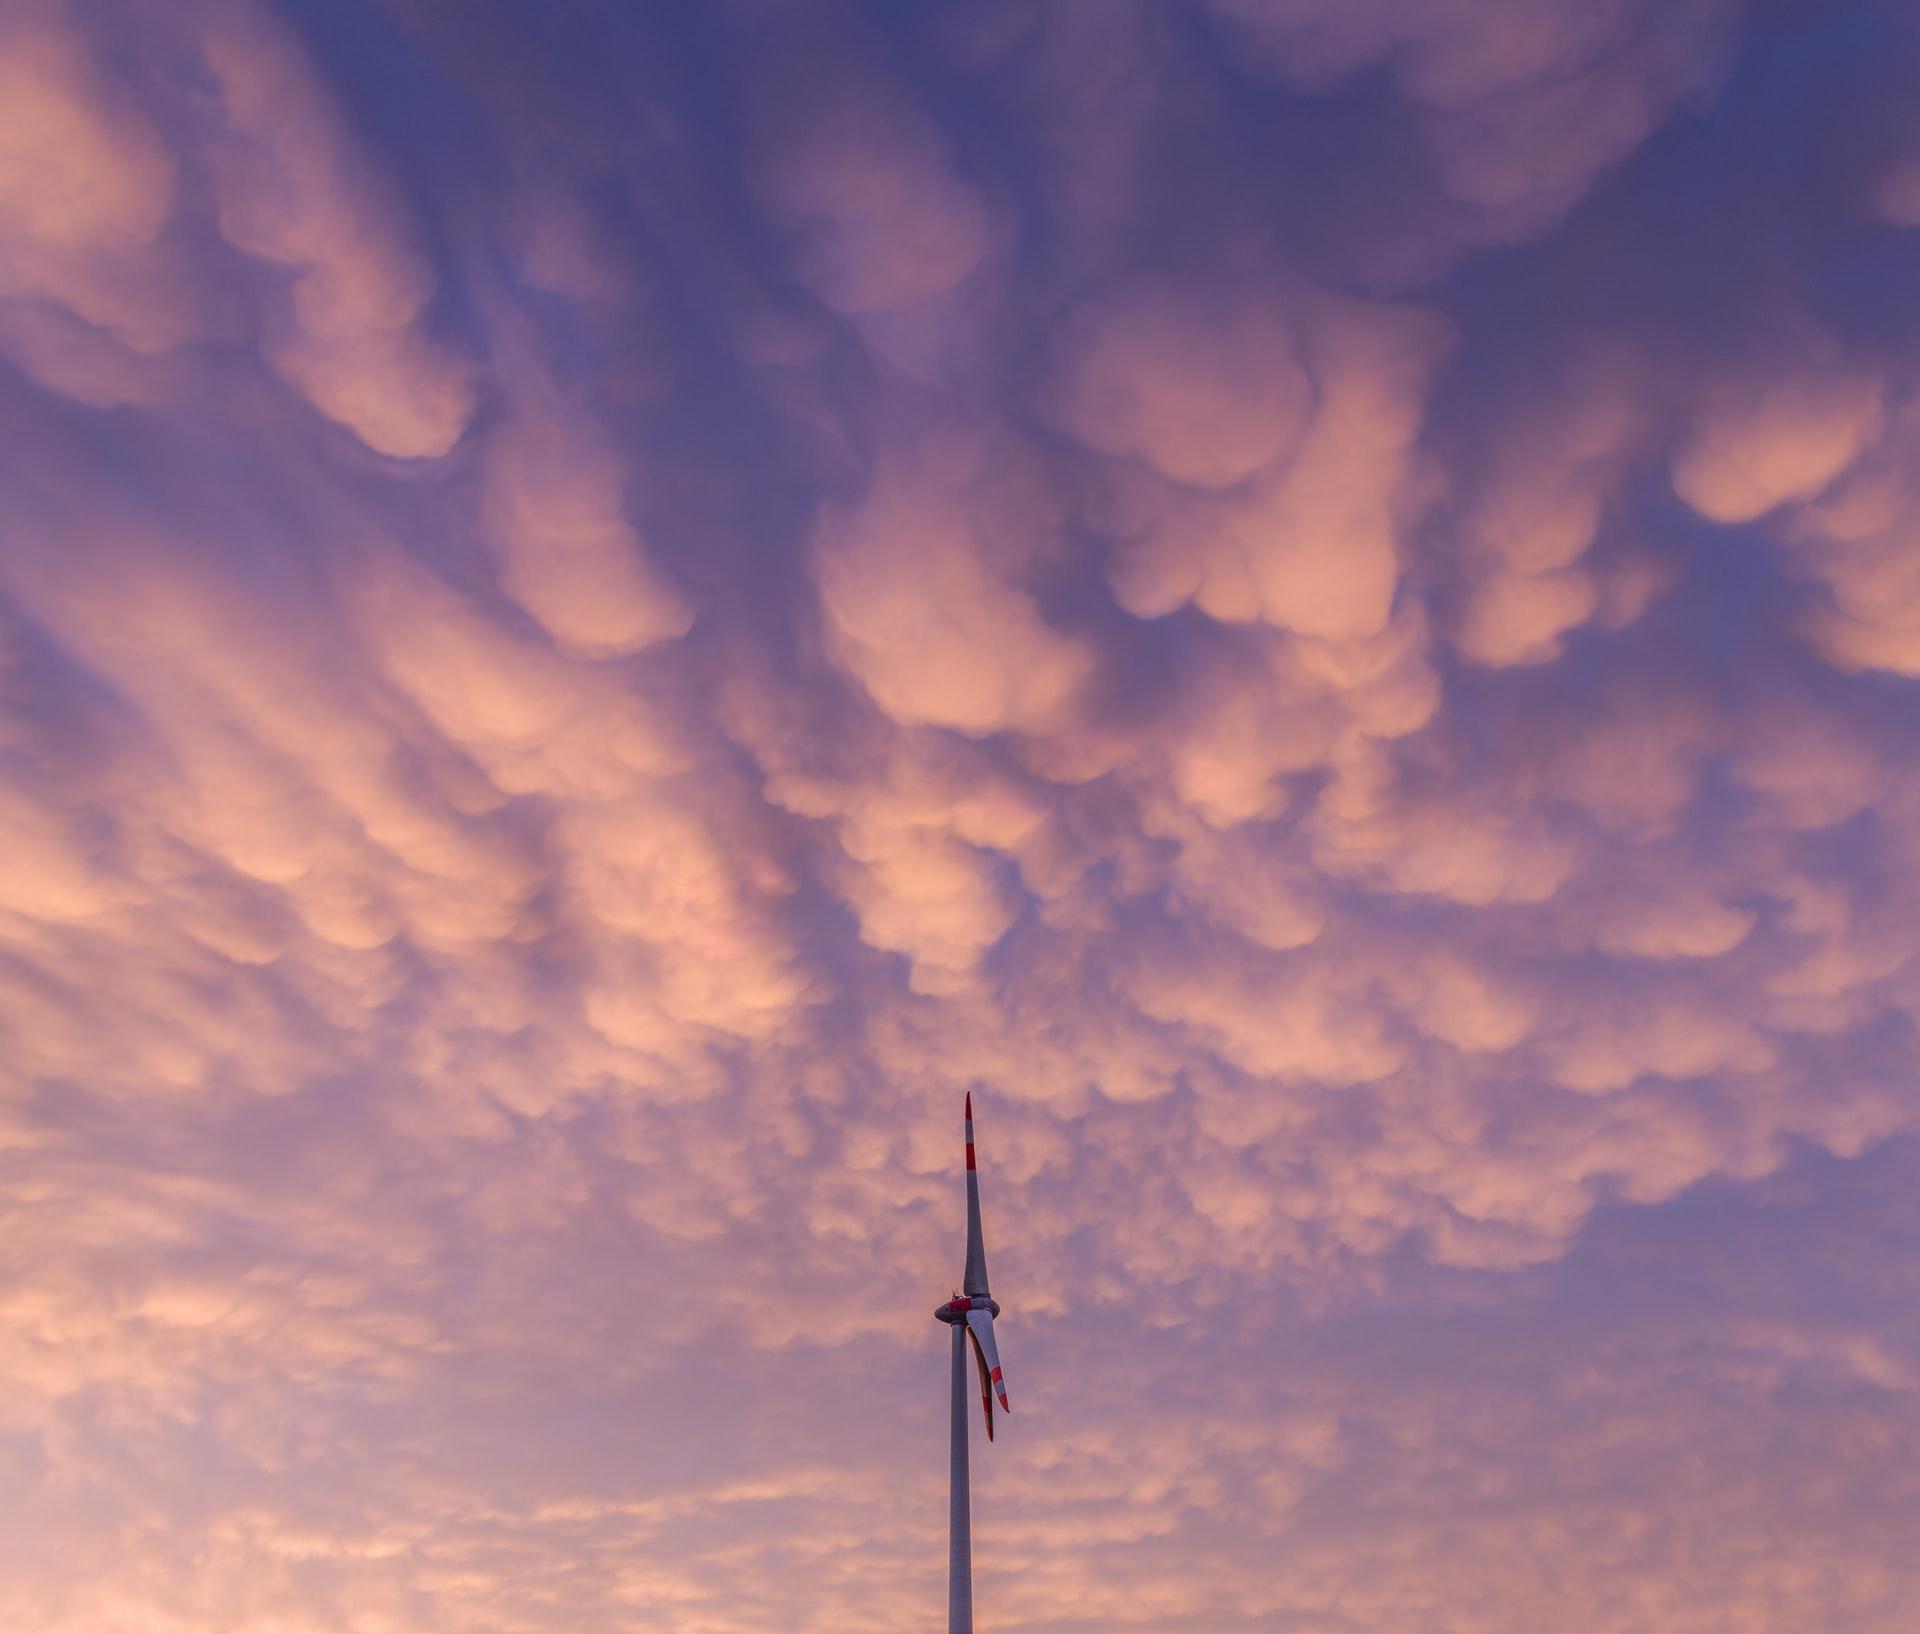 duurzaam stroom opwekken met wind